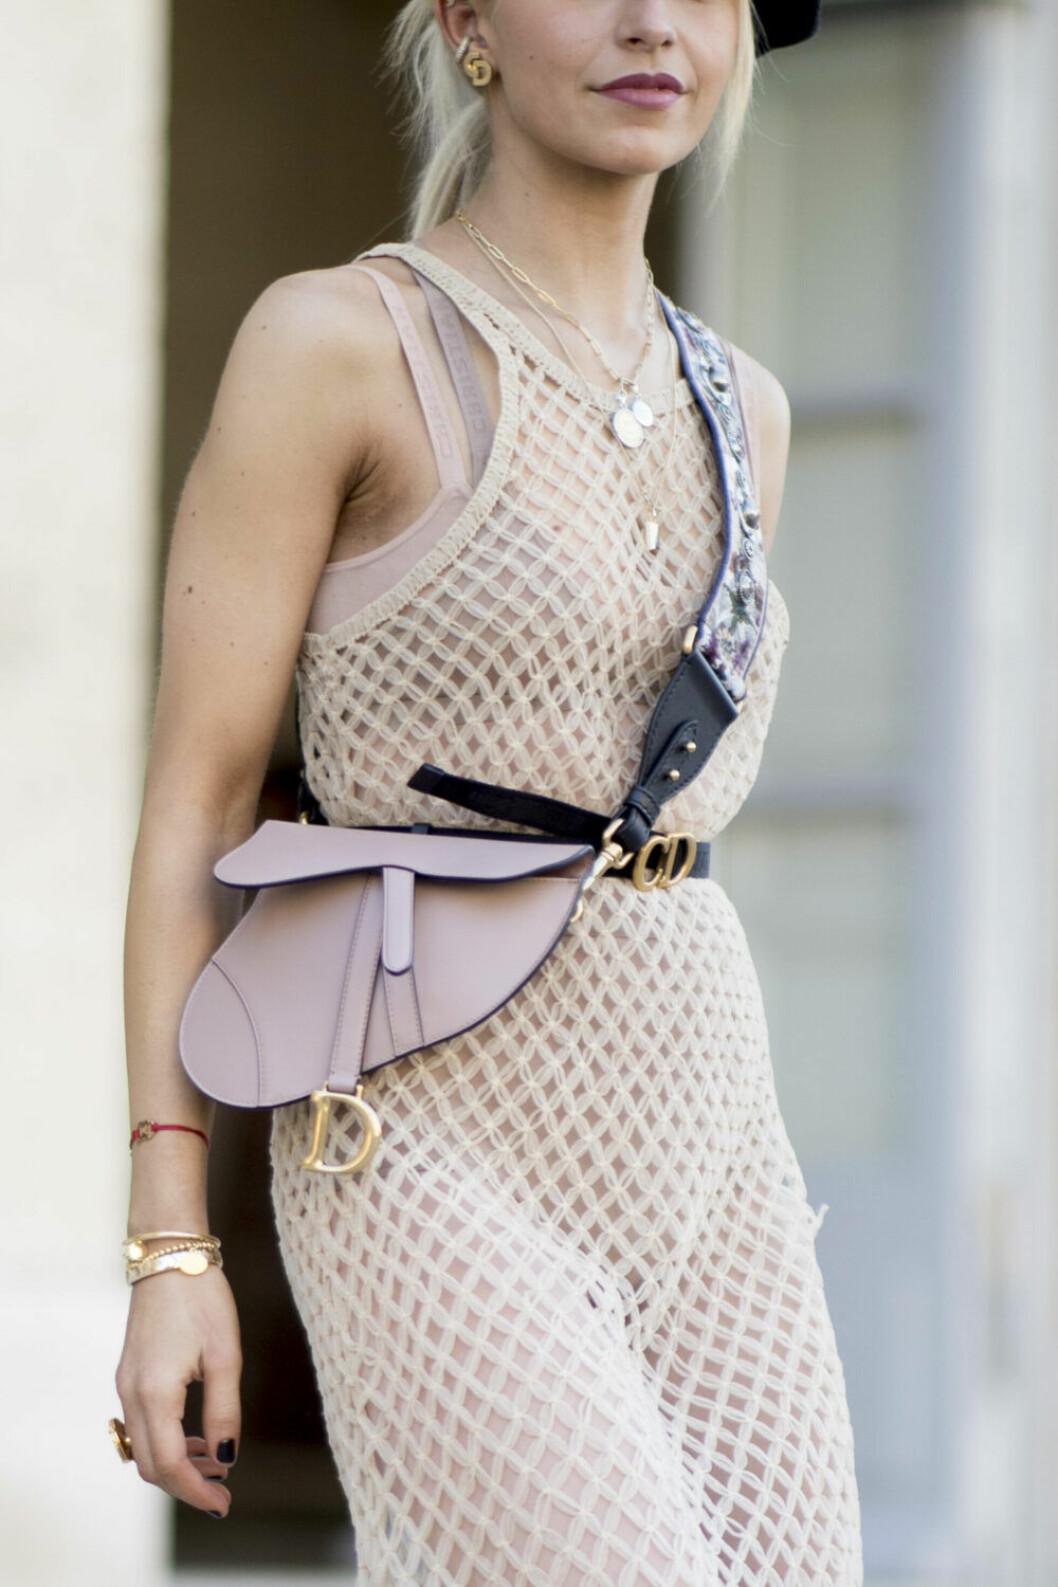 Streetstyle Paris FW, nätklänning och väska från dior.